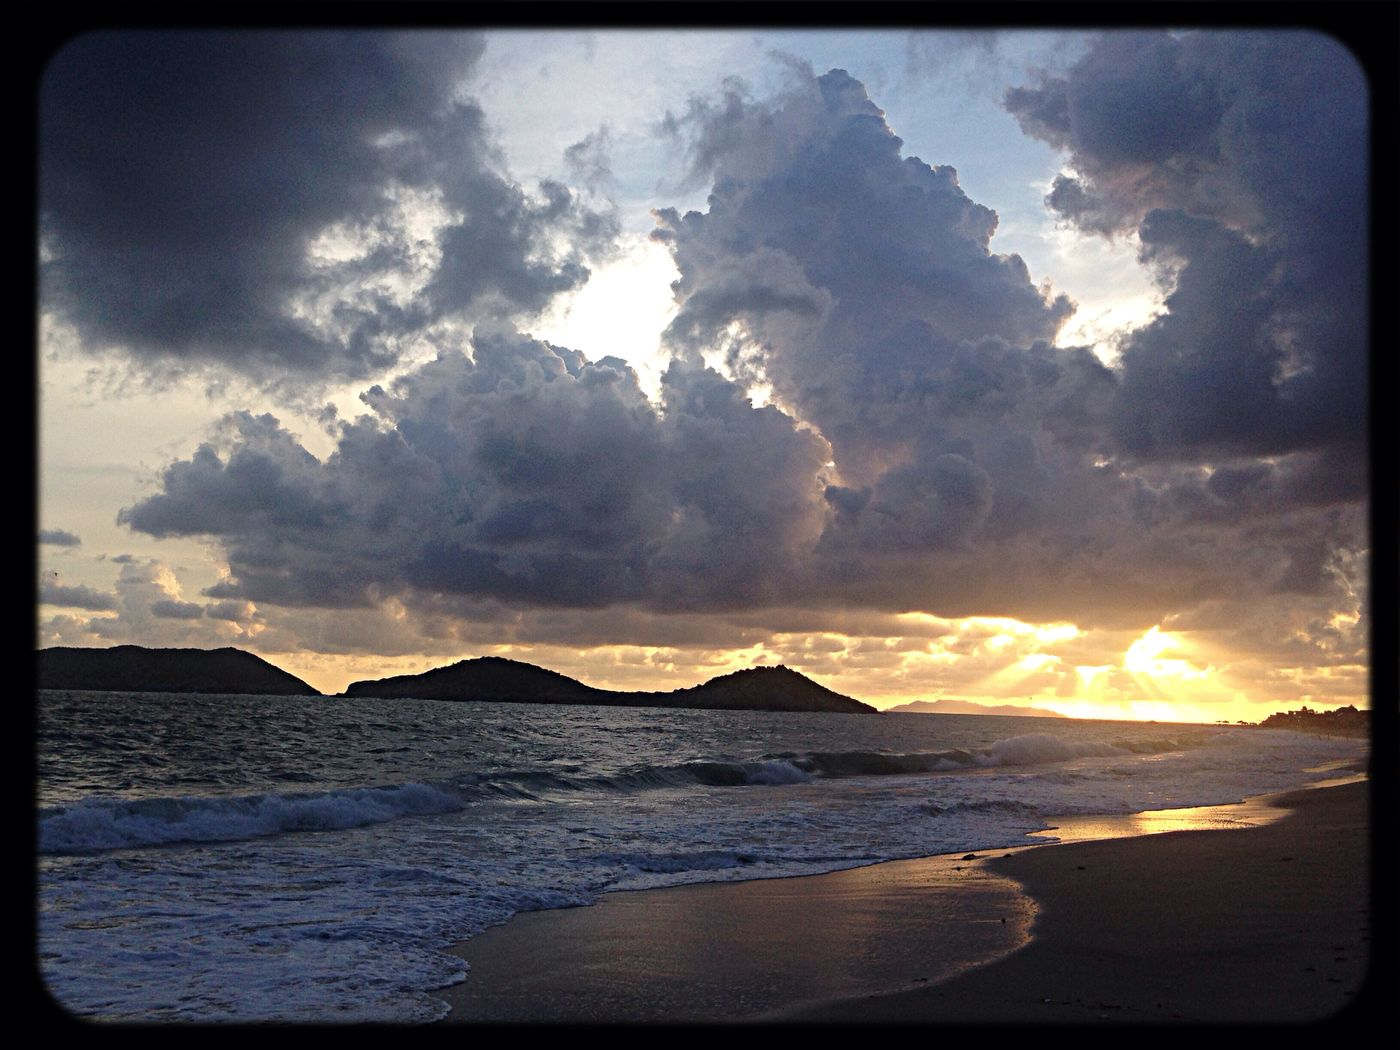 Paisaje Playa Atardecer Hermoso ☁️?